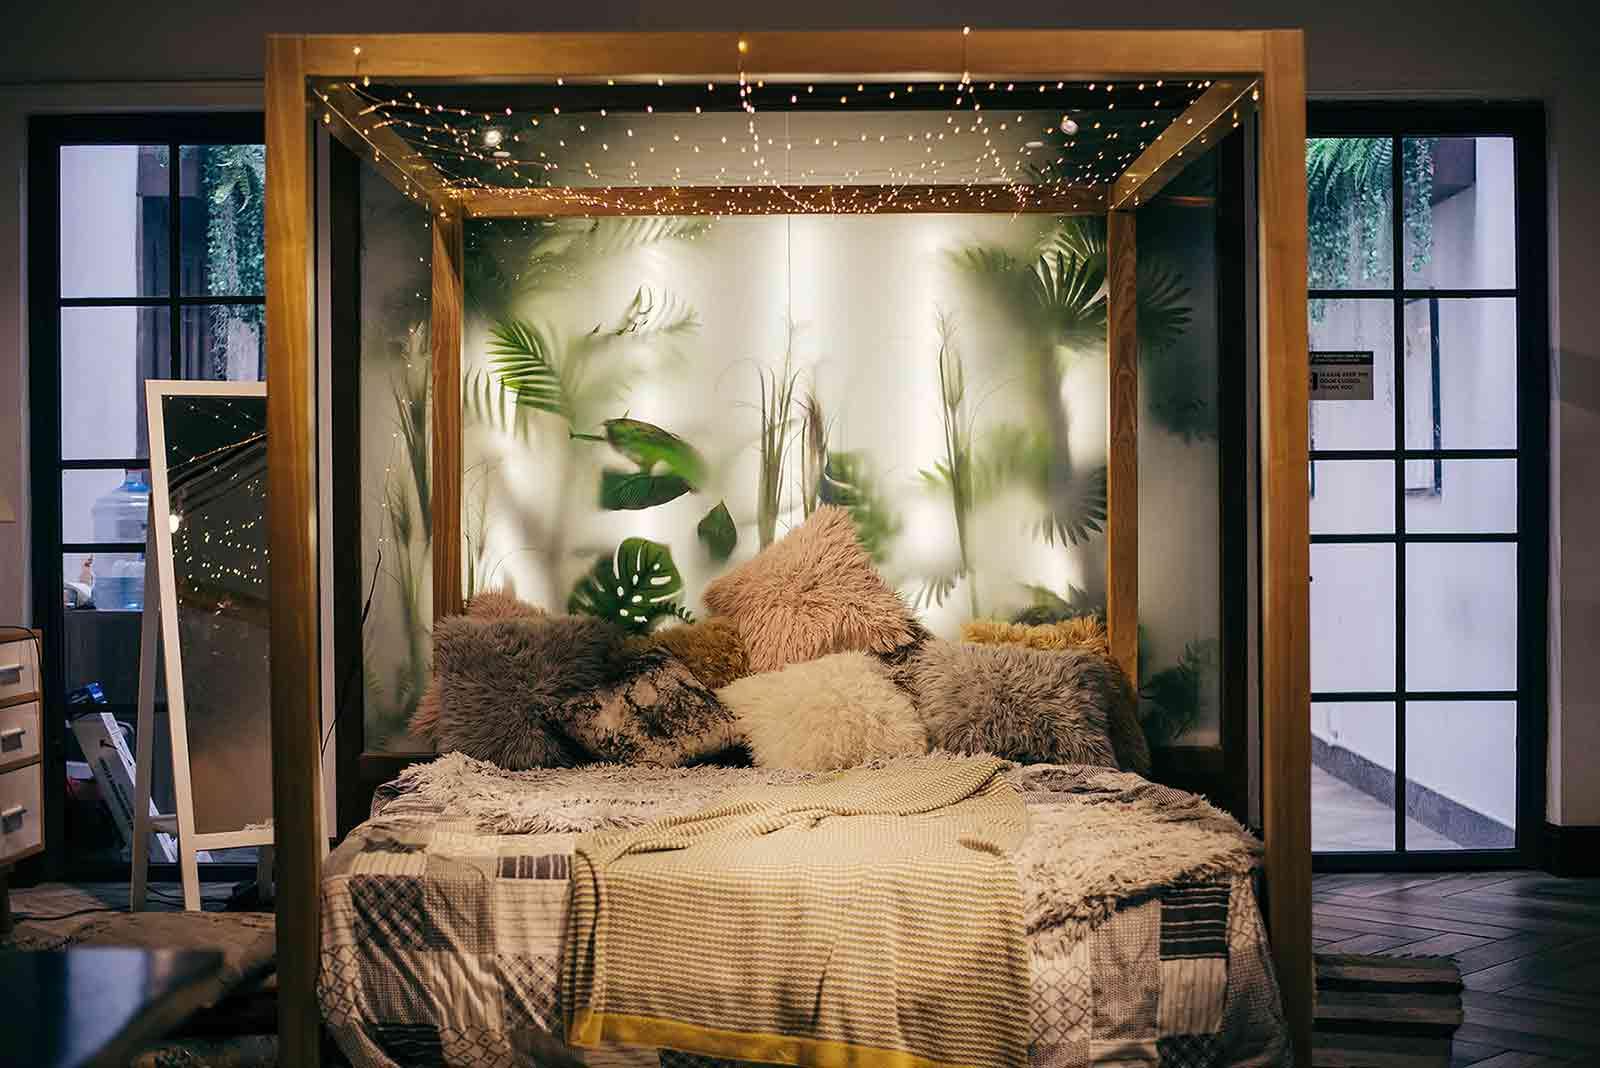 String light yang romantis dan mampu menciptakan sebuah dunia yang berbeda dari sekitarnya, foto oleh Tan Danh via pexels.com